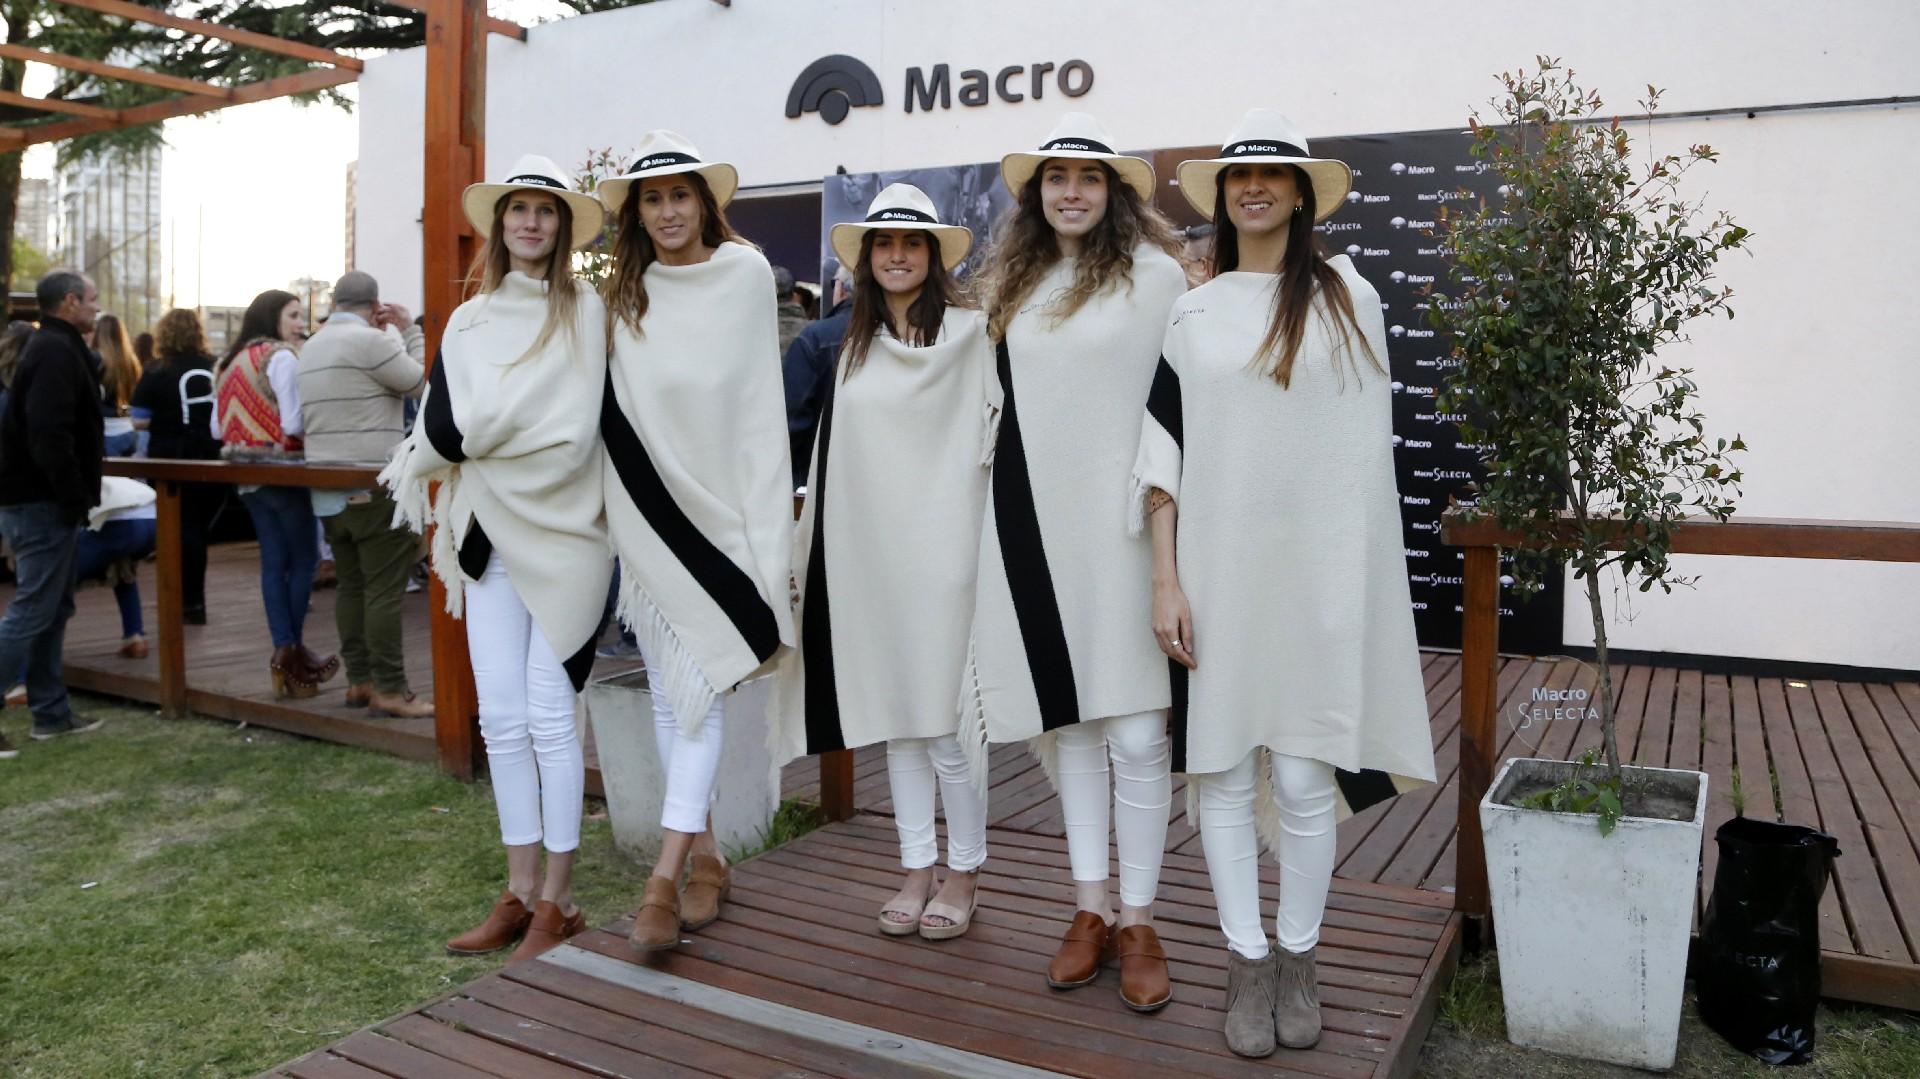 Las promotoras de Macro en al entrada del vip